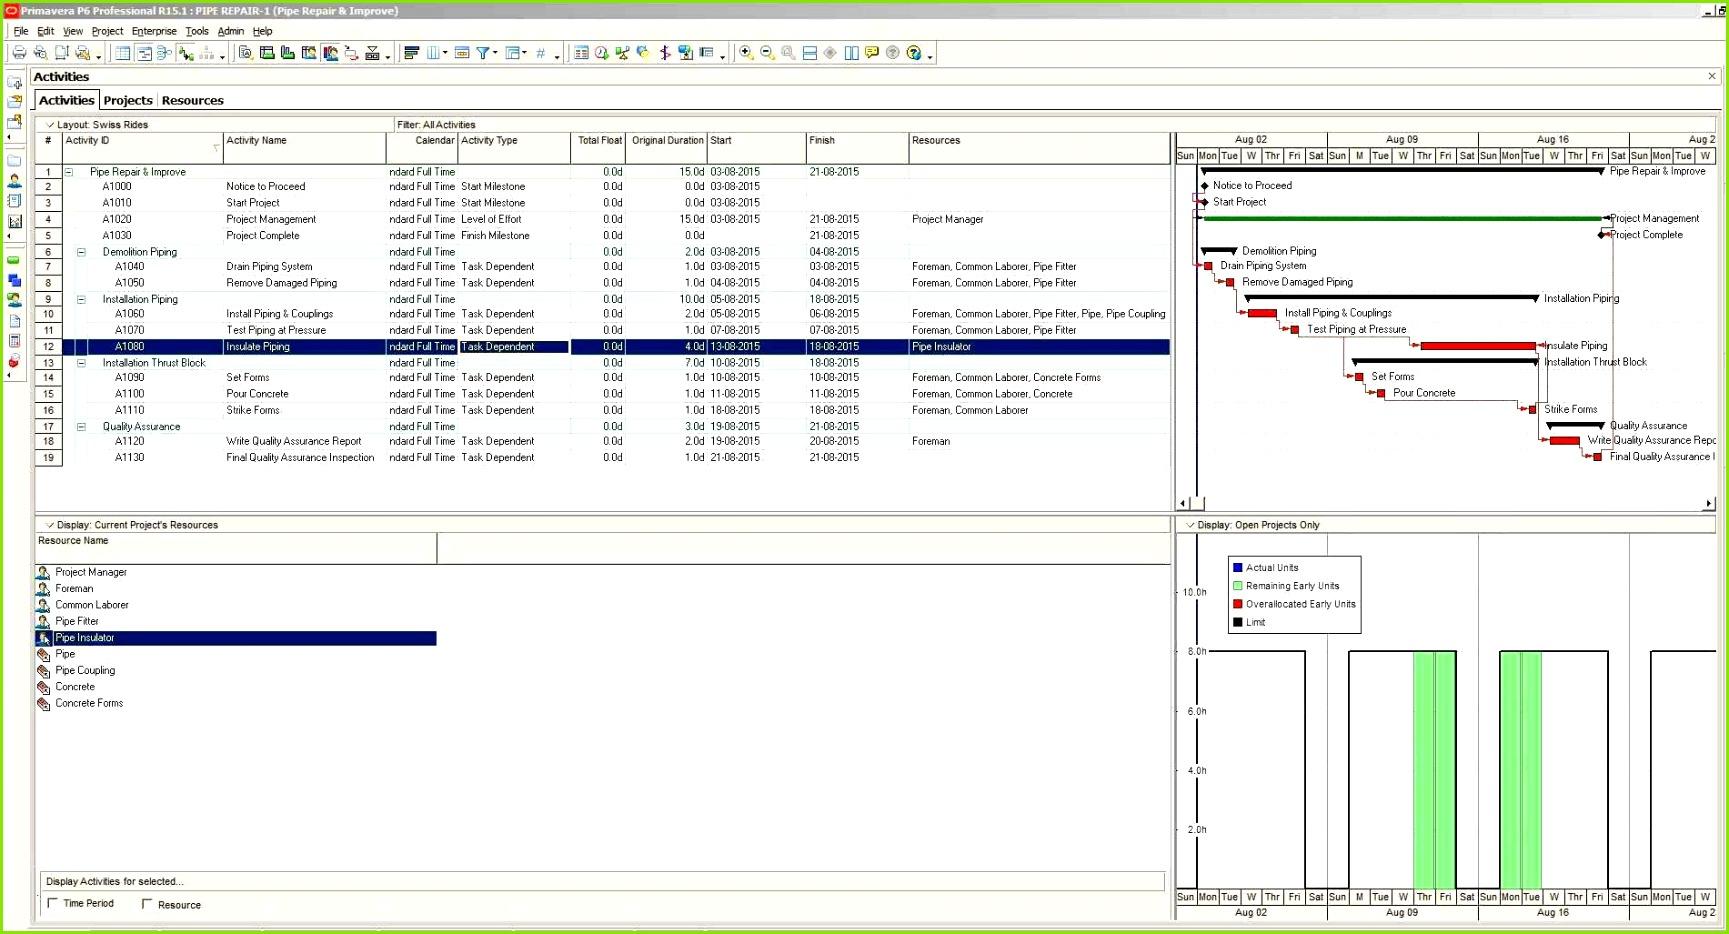 Initiativbewerbung Vorlage Inspirierend Bewerbung software Luxus Lebenslauf Schablone Best Muster Erstellen Initiativbewerbung